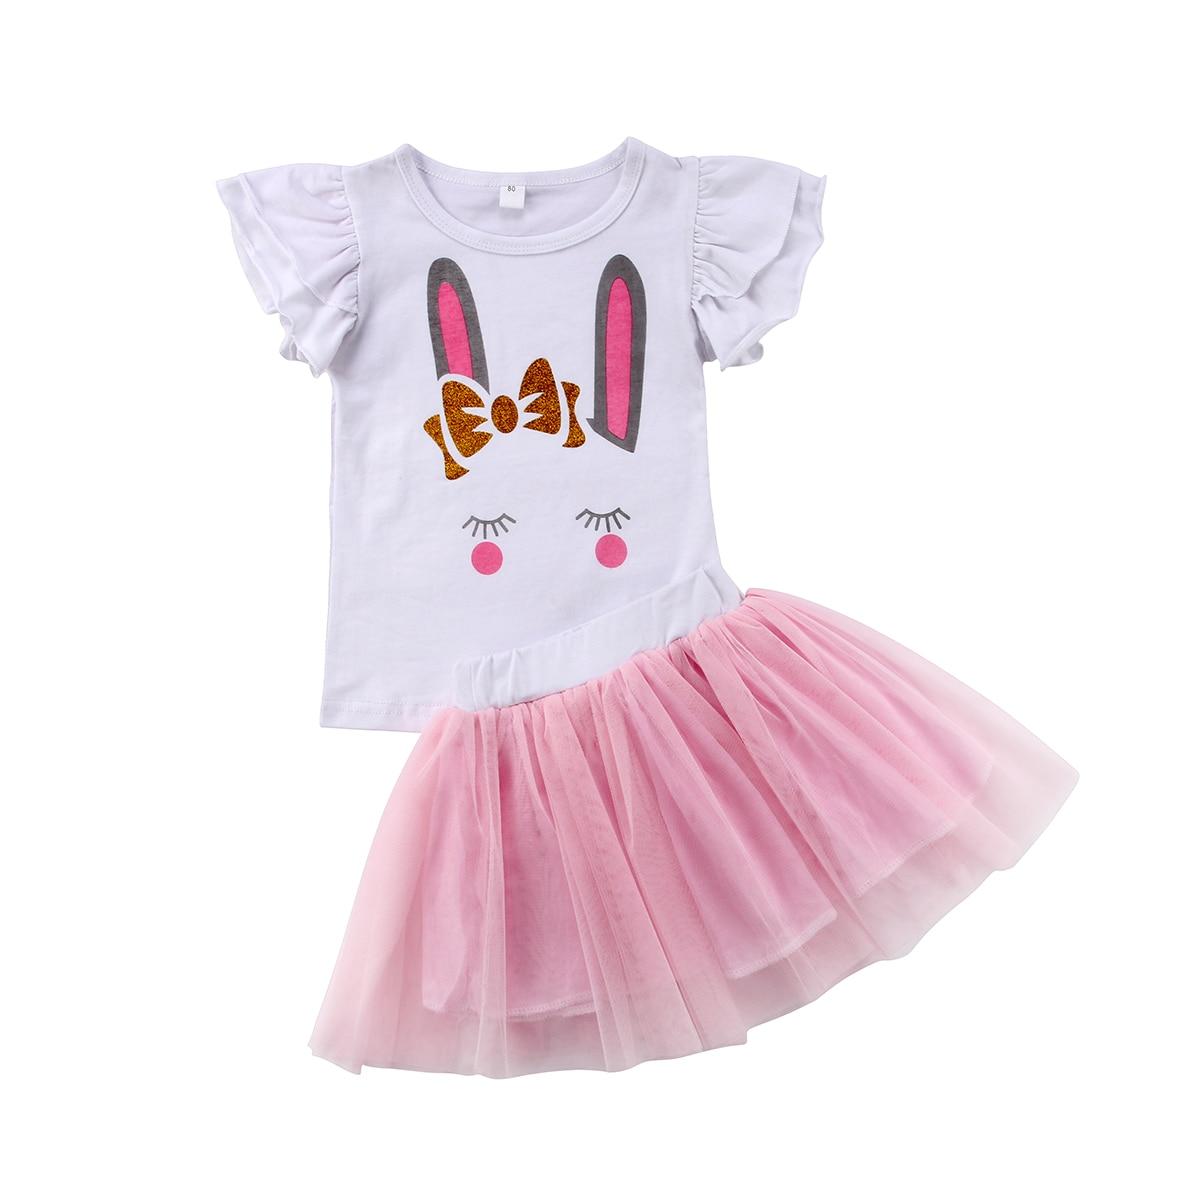 От 6 месяцев до 5 лет Детские для маленьких девочек животных печати короткий рукав топы белого цвета + розовый Туту Тюль Одежда принцессы ком...